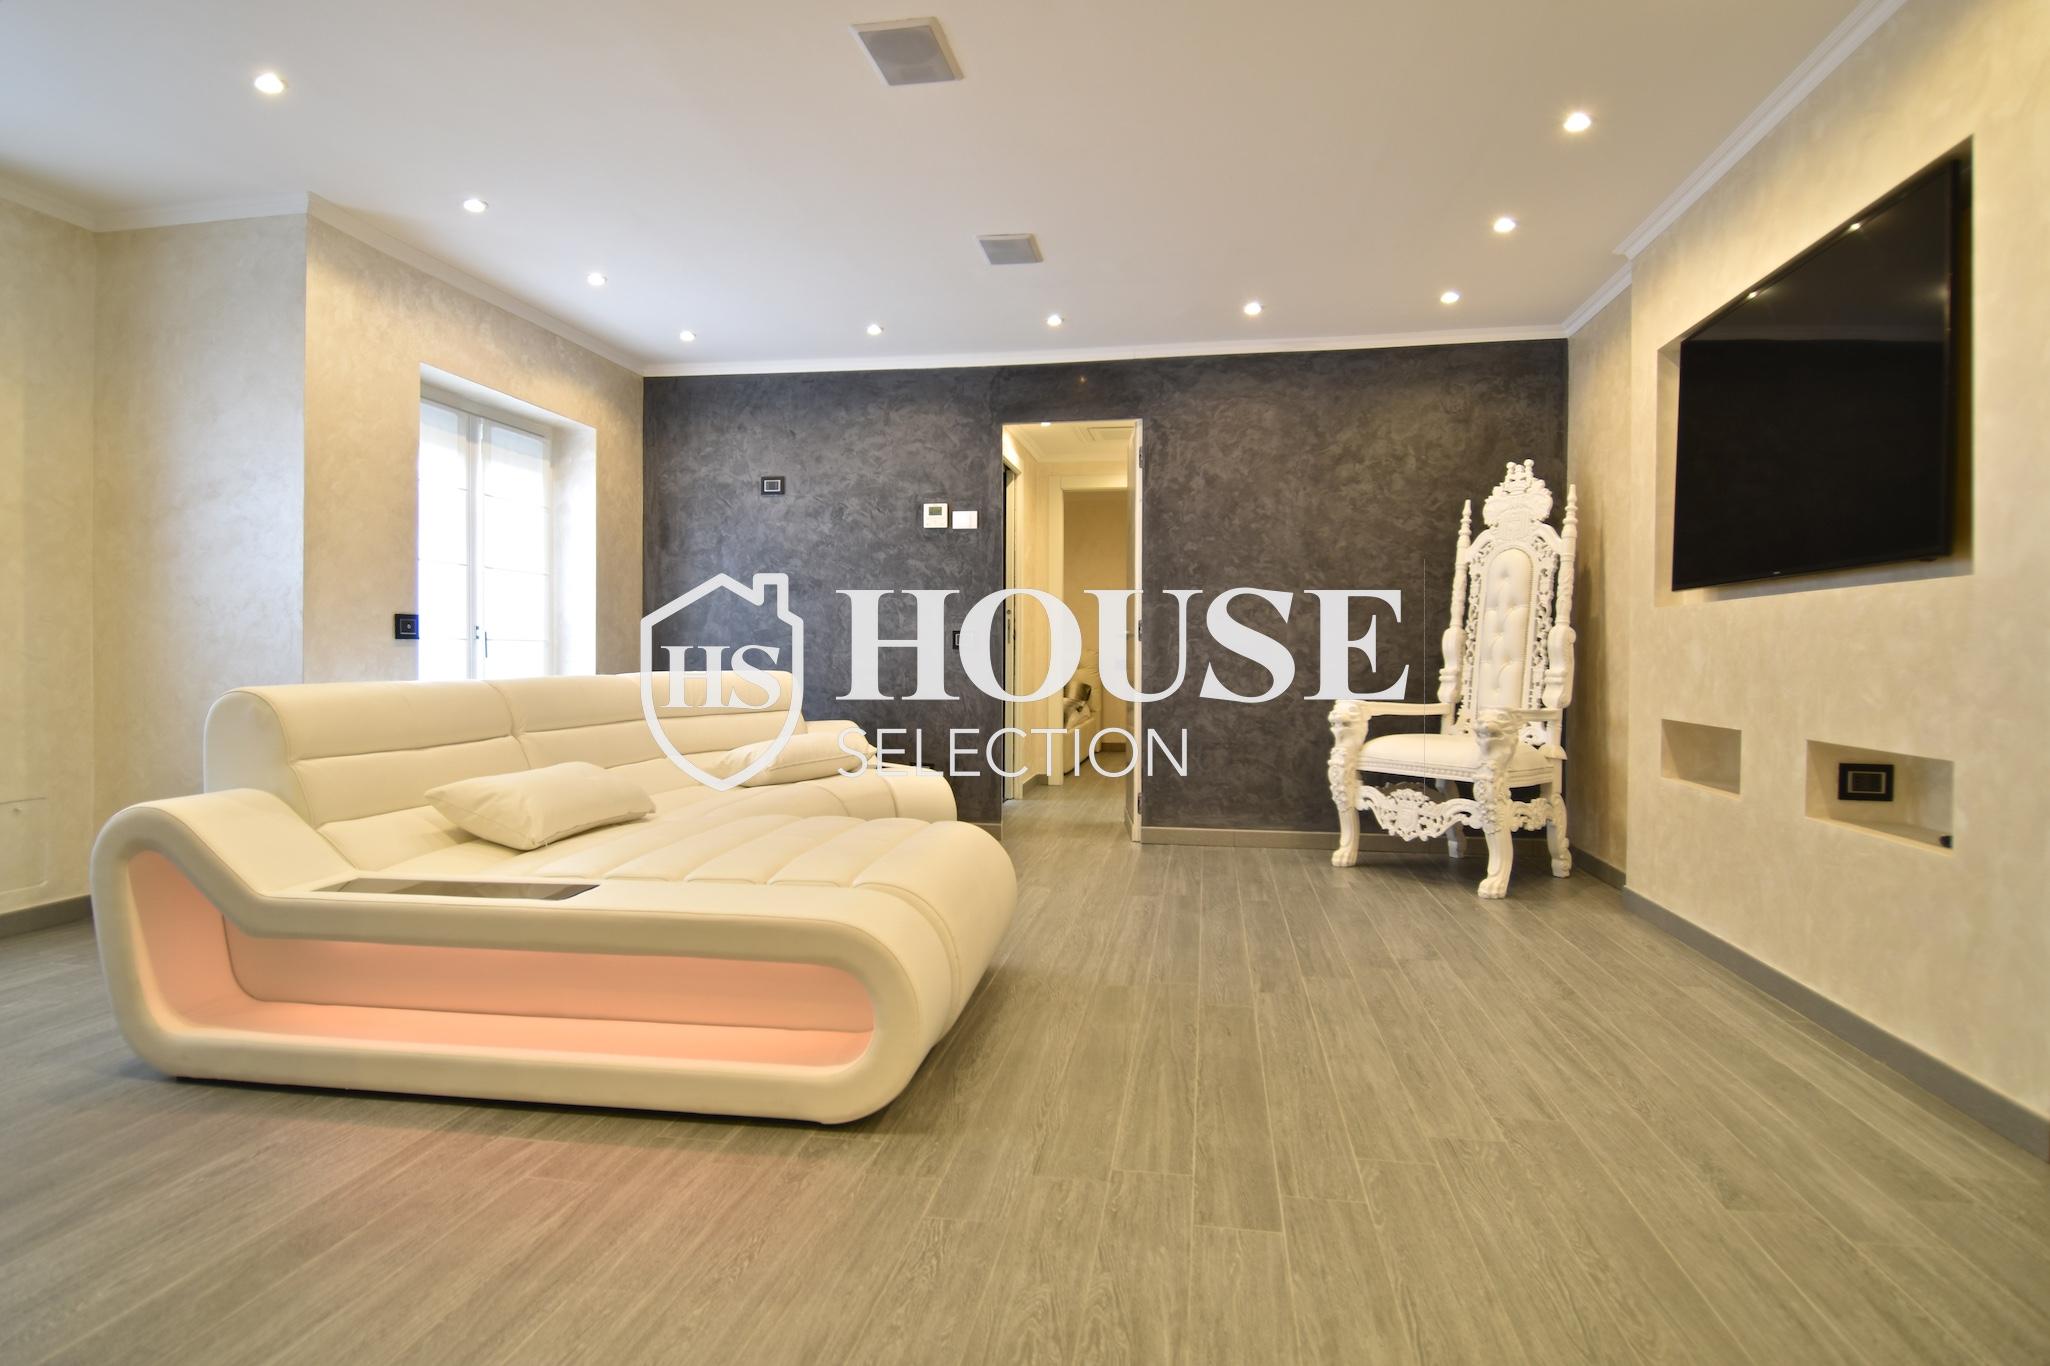 Vendita attico con terrazzo piazza Caiazzo, mm, ultimo piano, nuova realizzazione, palazzo epoca, ascensore, Milano 16